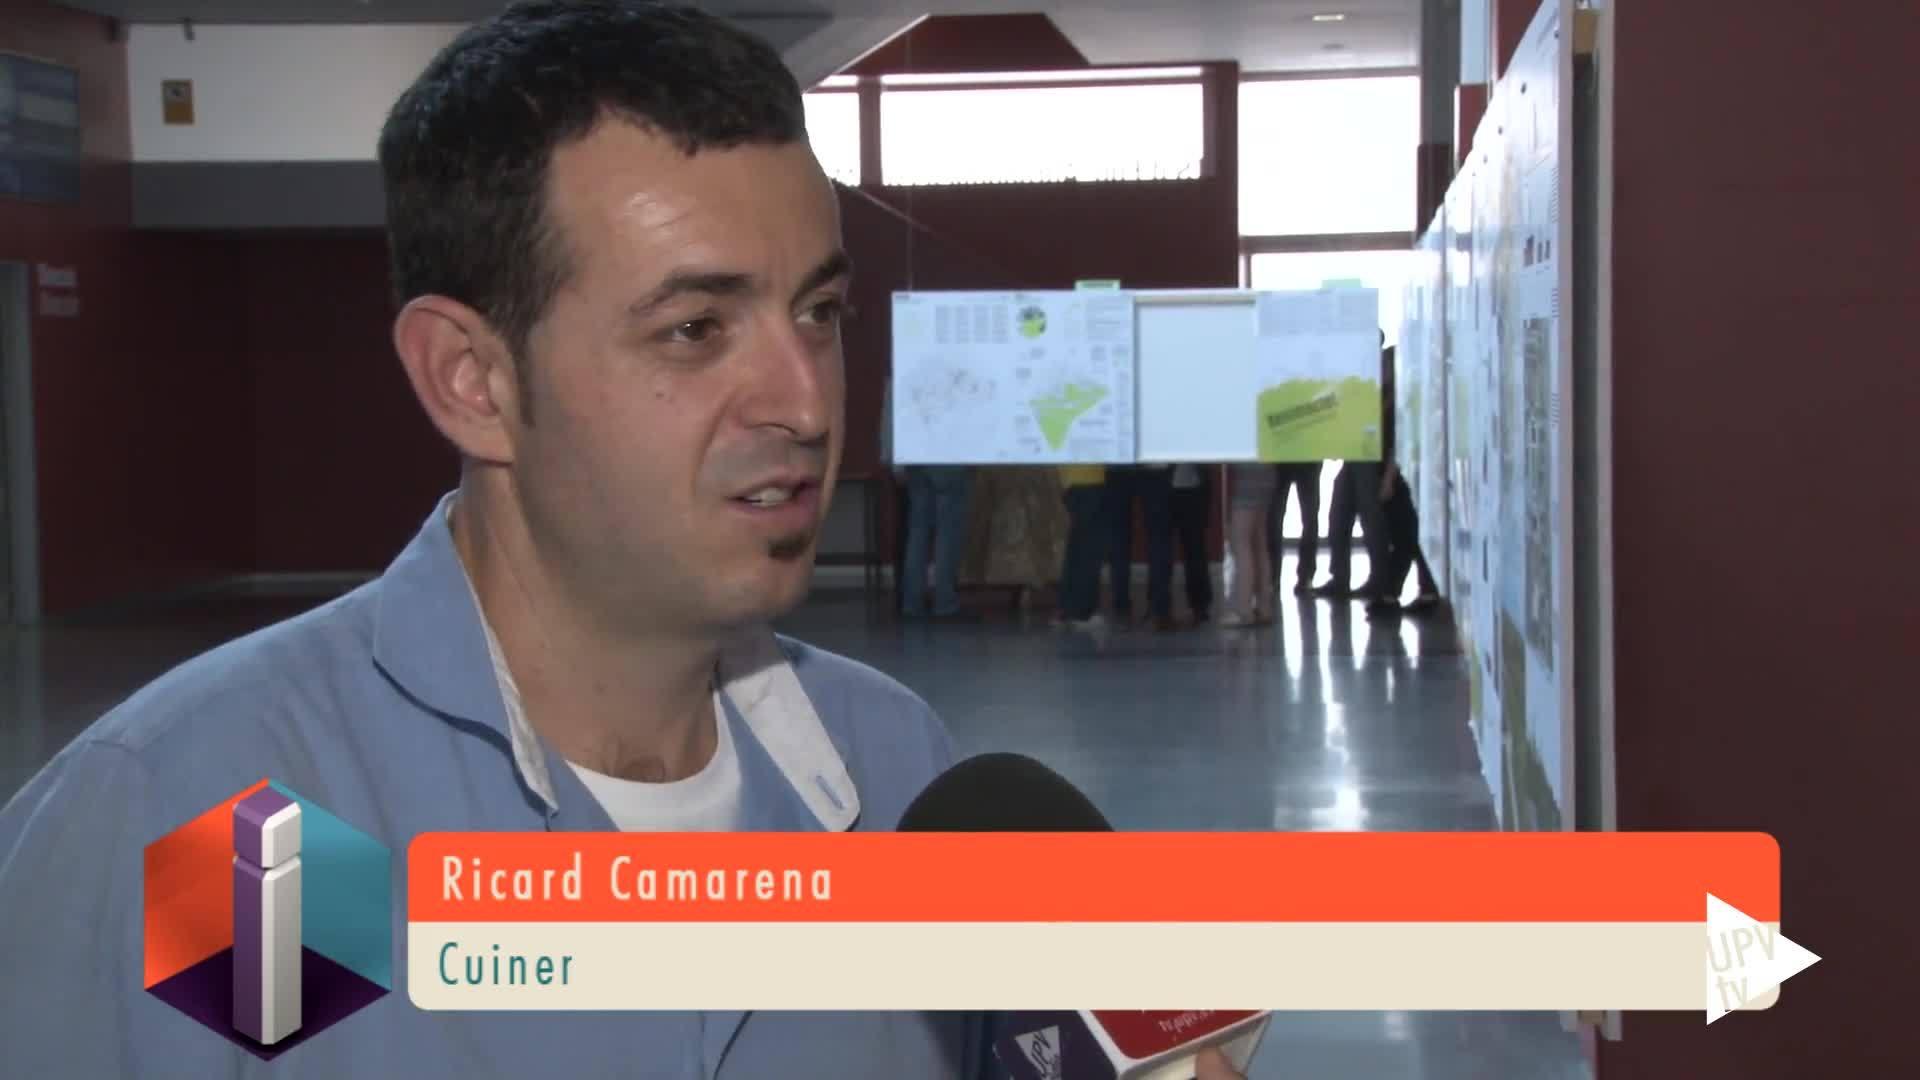 14-05-2015 Ricard Camarena